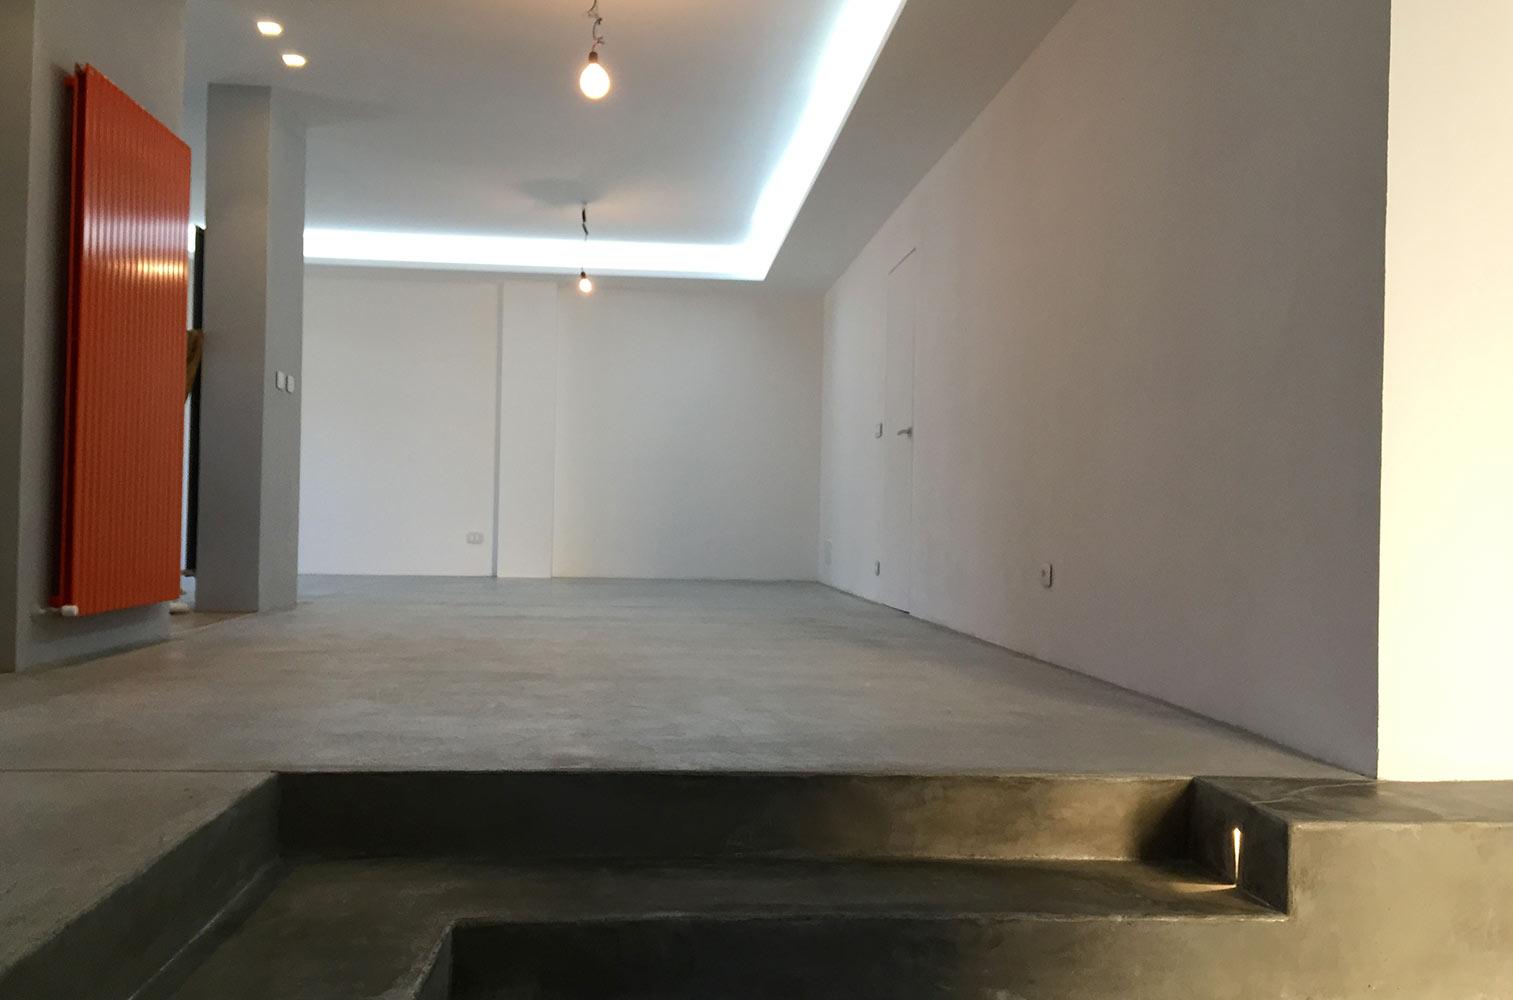 doc-impianti-elettrici-condizionamento-gallery-03-impianto-elettrico-civile